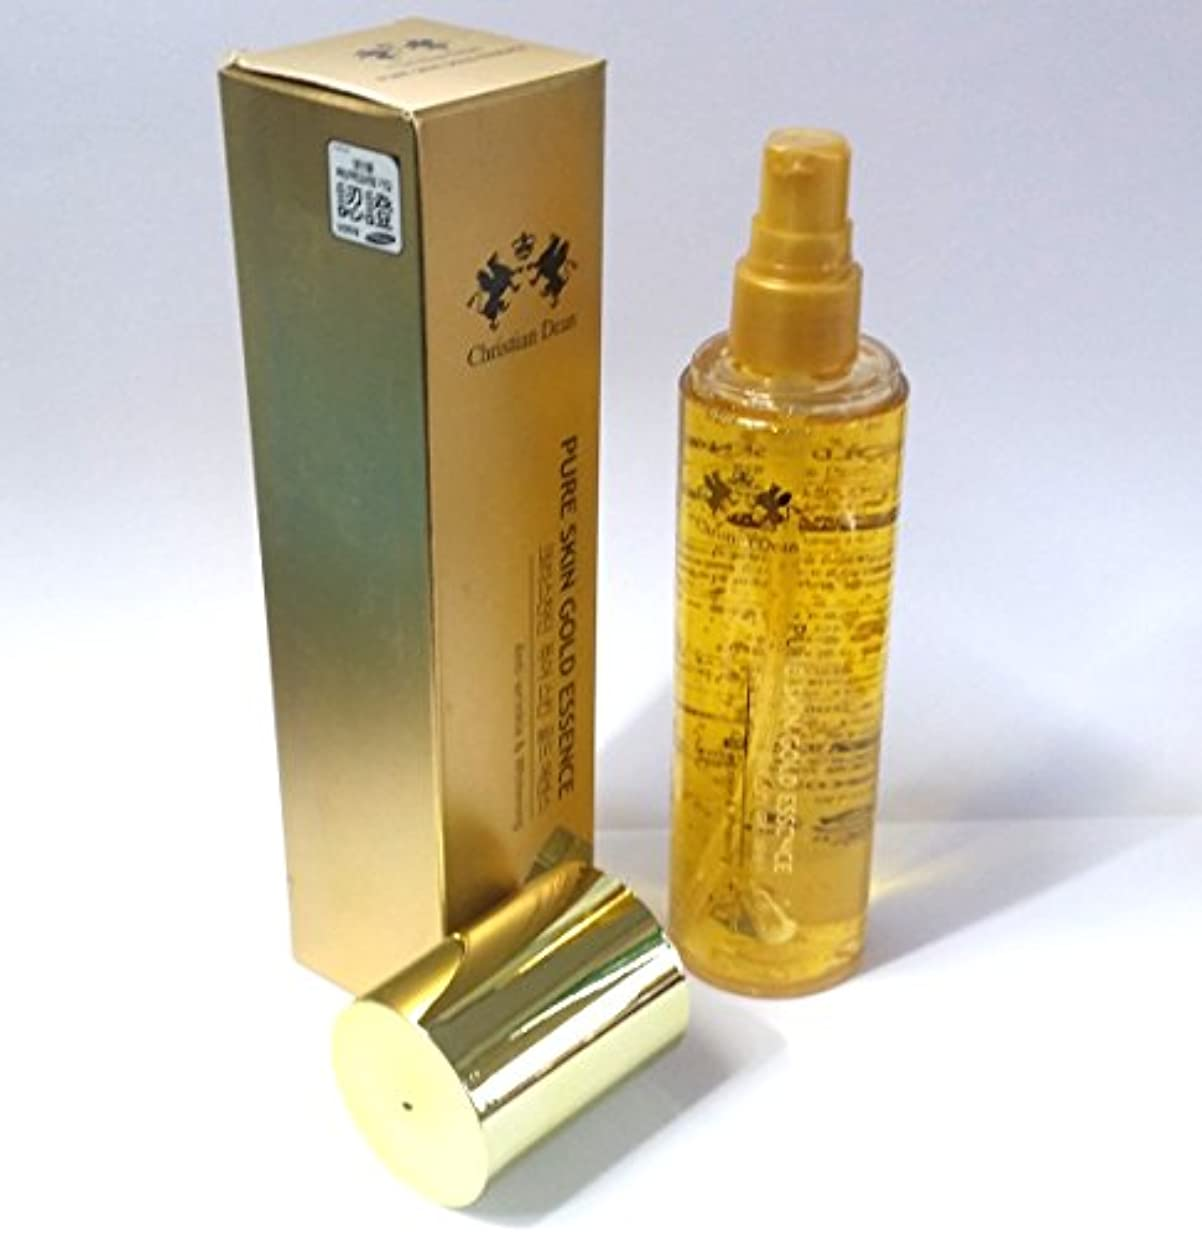 腕一月姓[Christian Dean] ピュアスキンゴールドエッセンス150ml/Pure Skin Gold Essence 150ml/Whitening/ホワイトニング/ピュアゴールドエキス(99.9%)/韓国化粧品/pure...